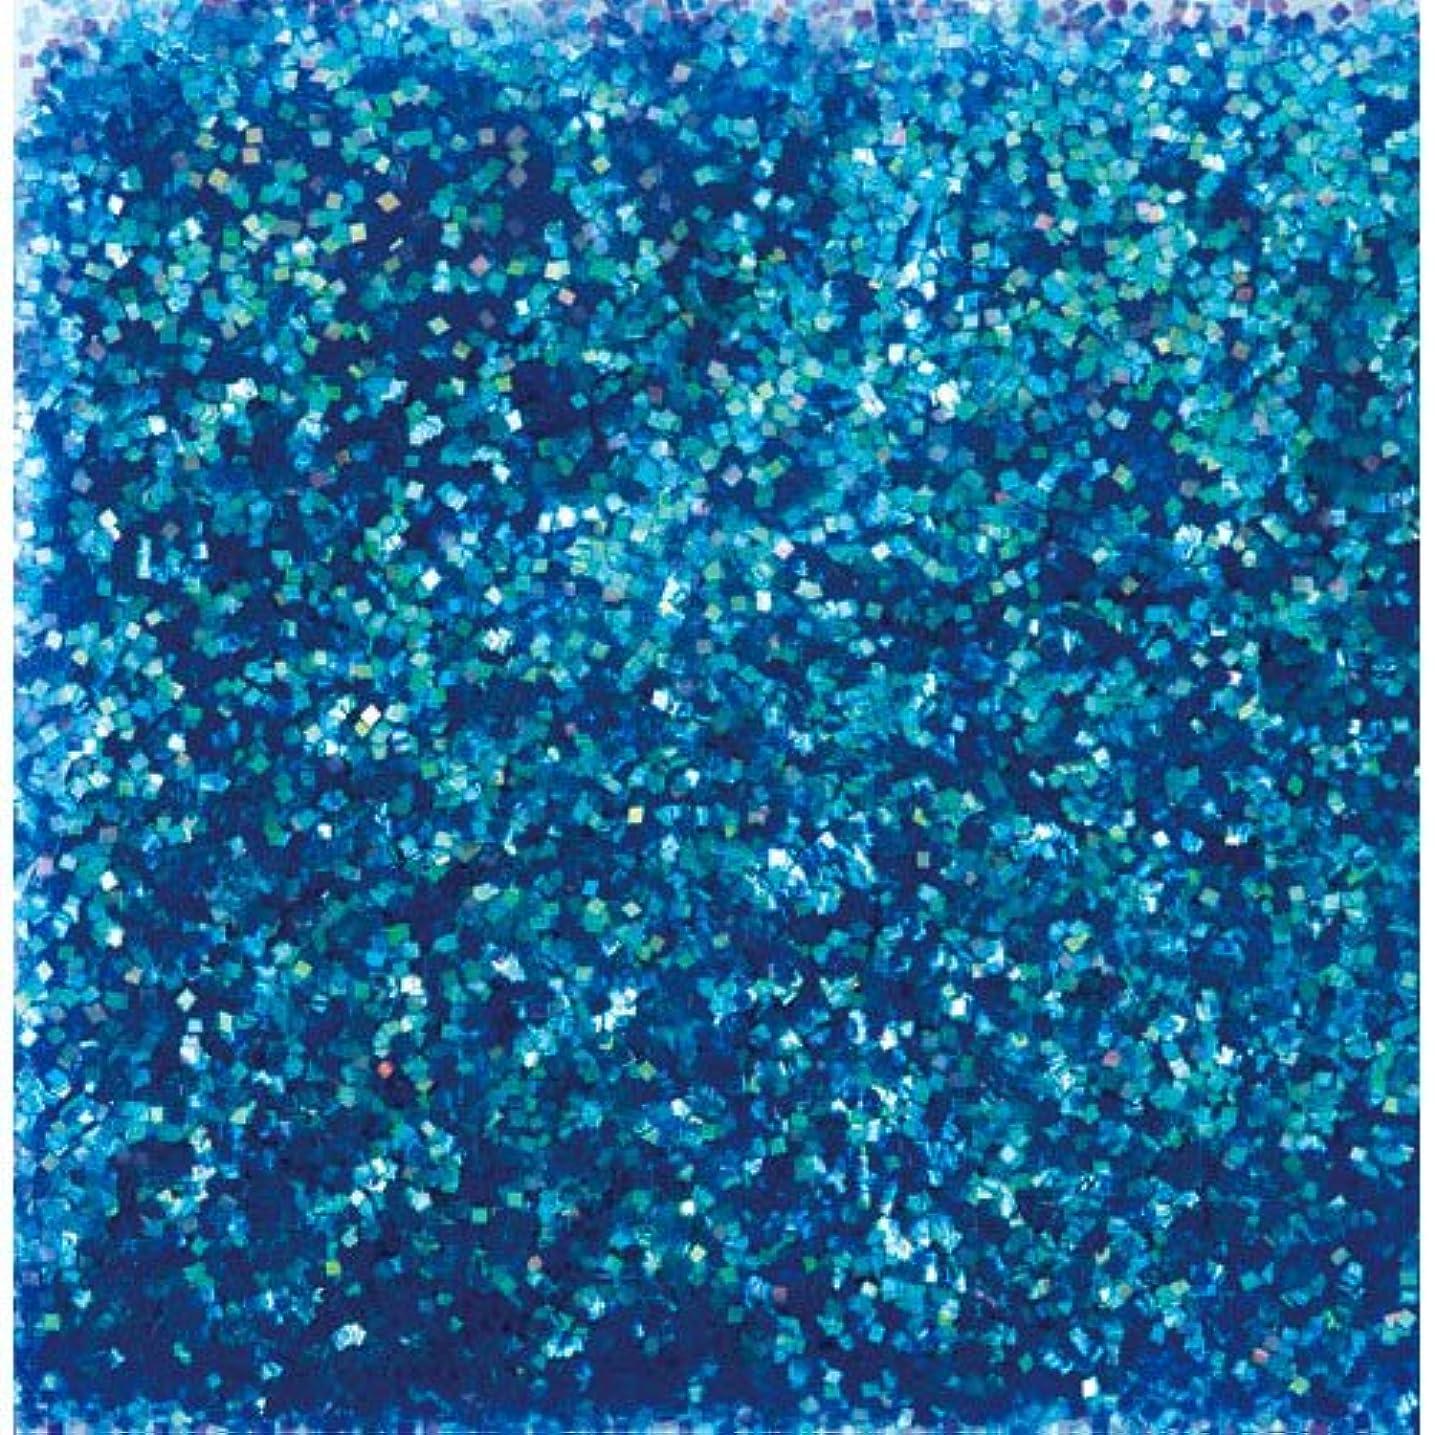 捕虜愛深くピカエース ネイル用パウダー ピカエース オーロラグリッター M #497 ブルー 1.5g アート材